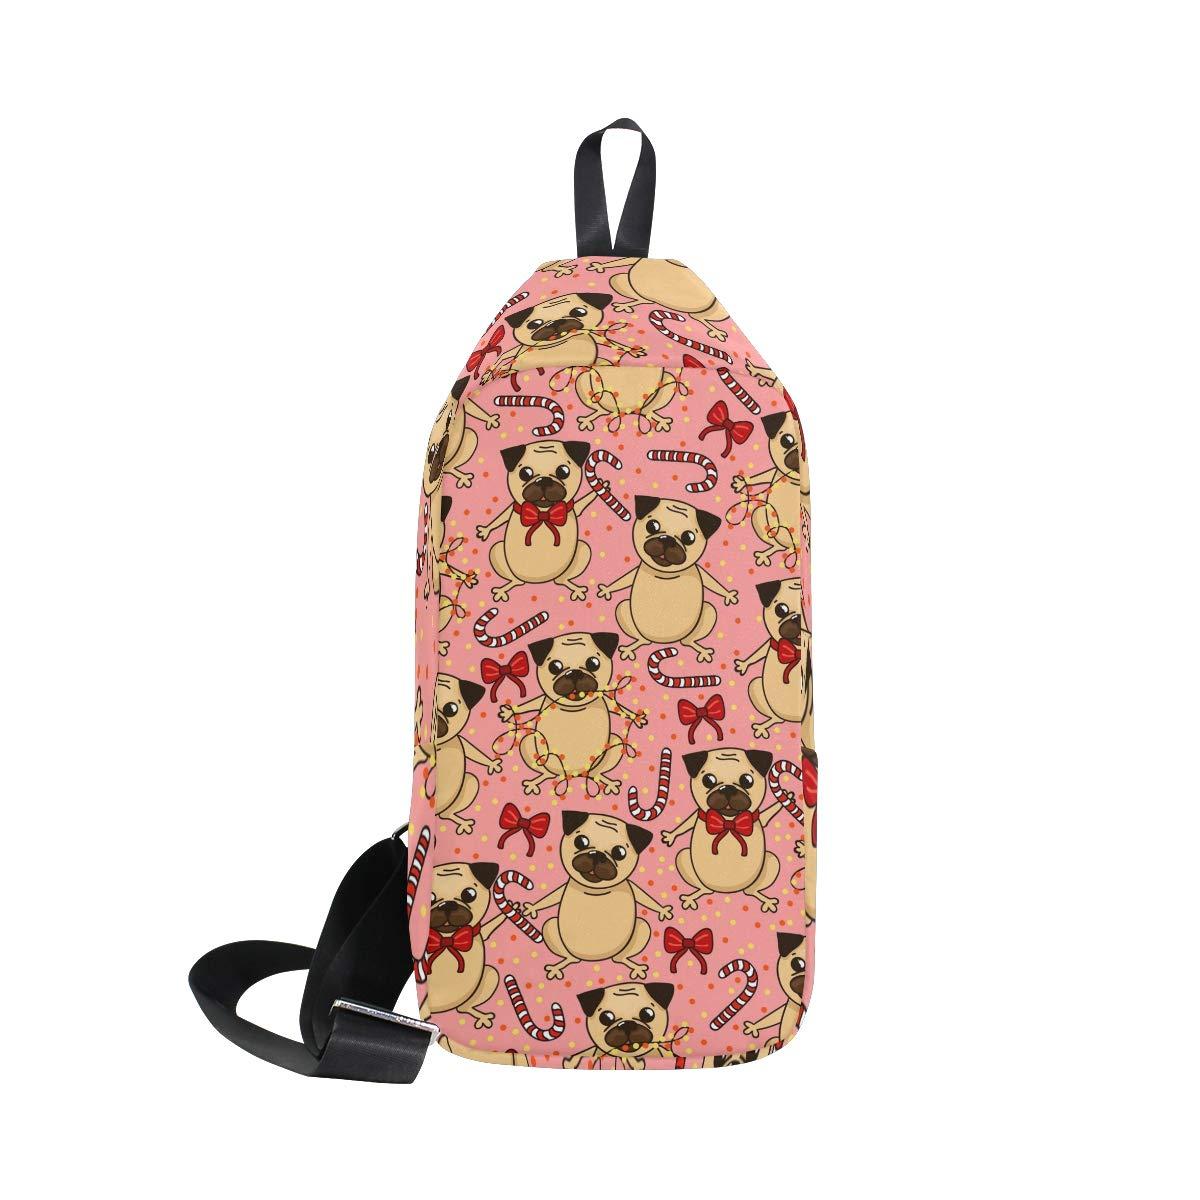 TFONE Cute Pug Dog Crossbody Bag Lightweight Chest Shoulder Messenger Pack Backpack Sling Bag